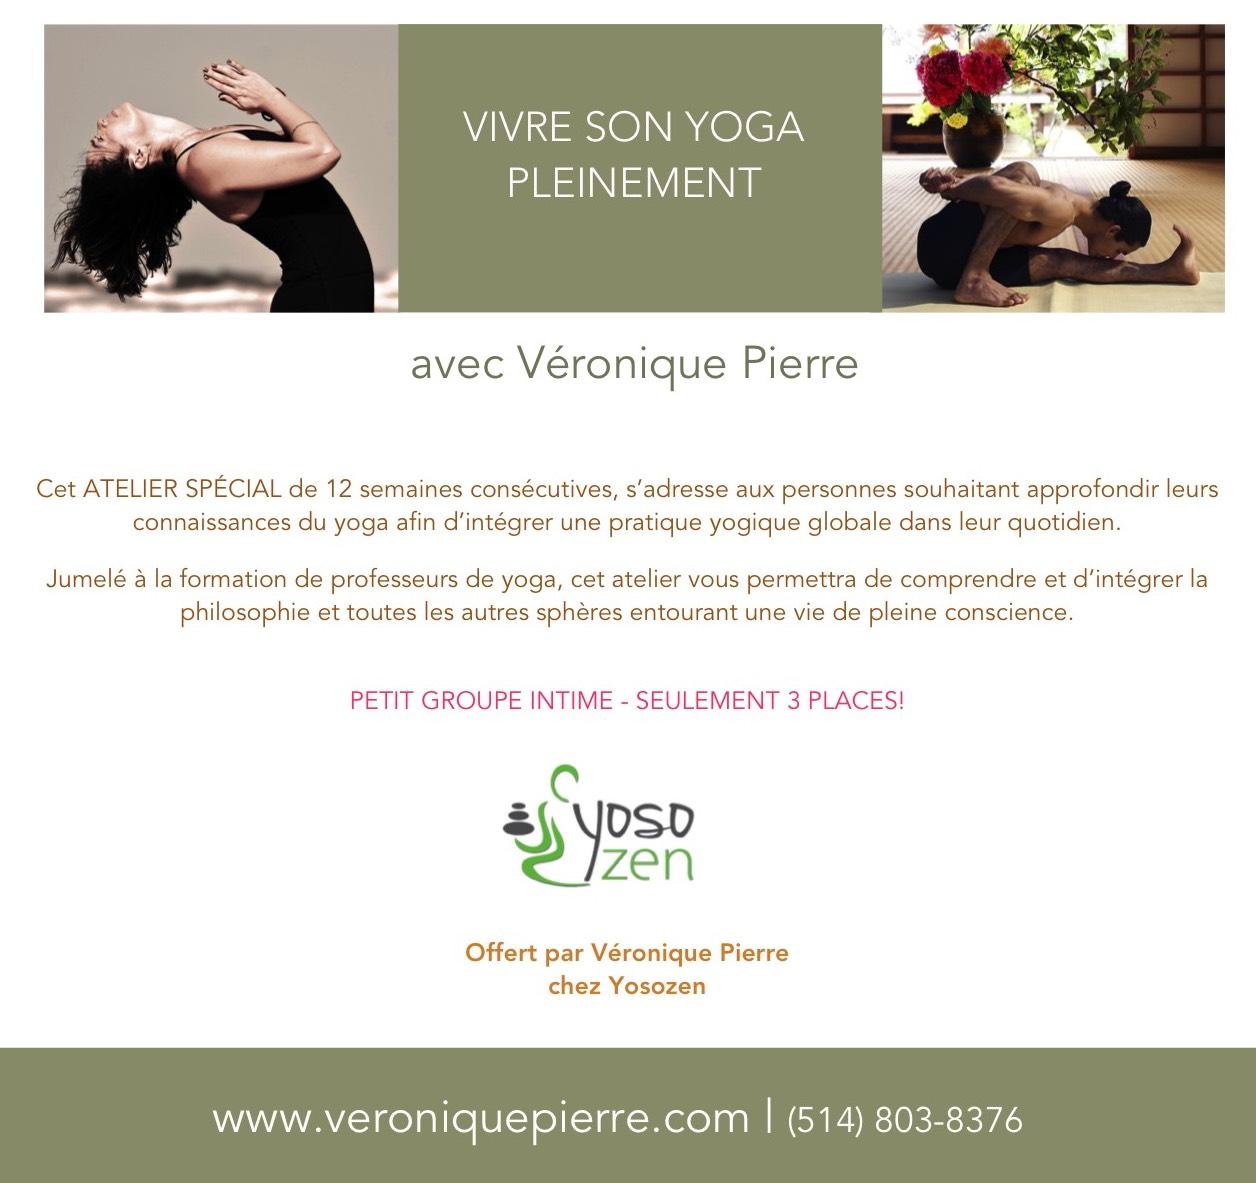 vivre son yoga pleinement yoga m ditation avec with v ronique pierre. Black Bedroom Furniture Sets. Home Design Ideas